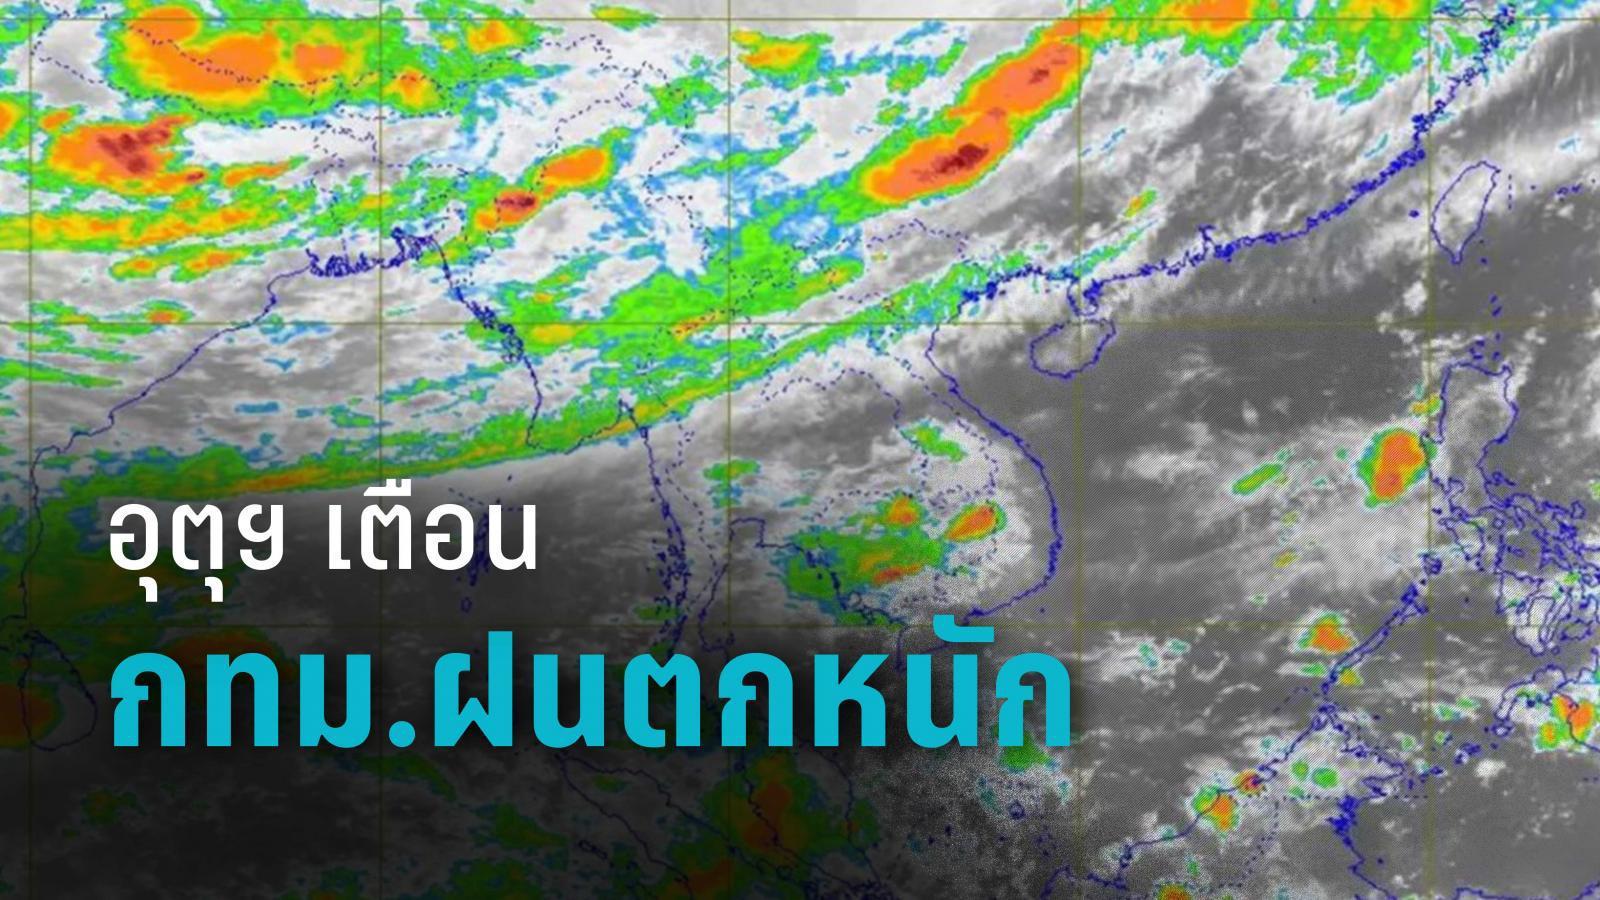 อุตุฯ เตือน กรุงเทพฯ ฝนตกหนักร้อยละ 80 ของพื้นที่